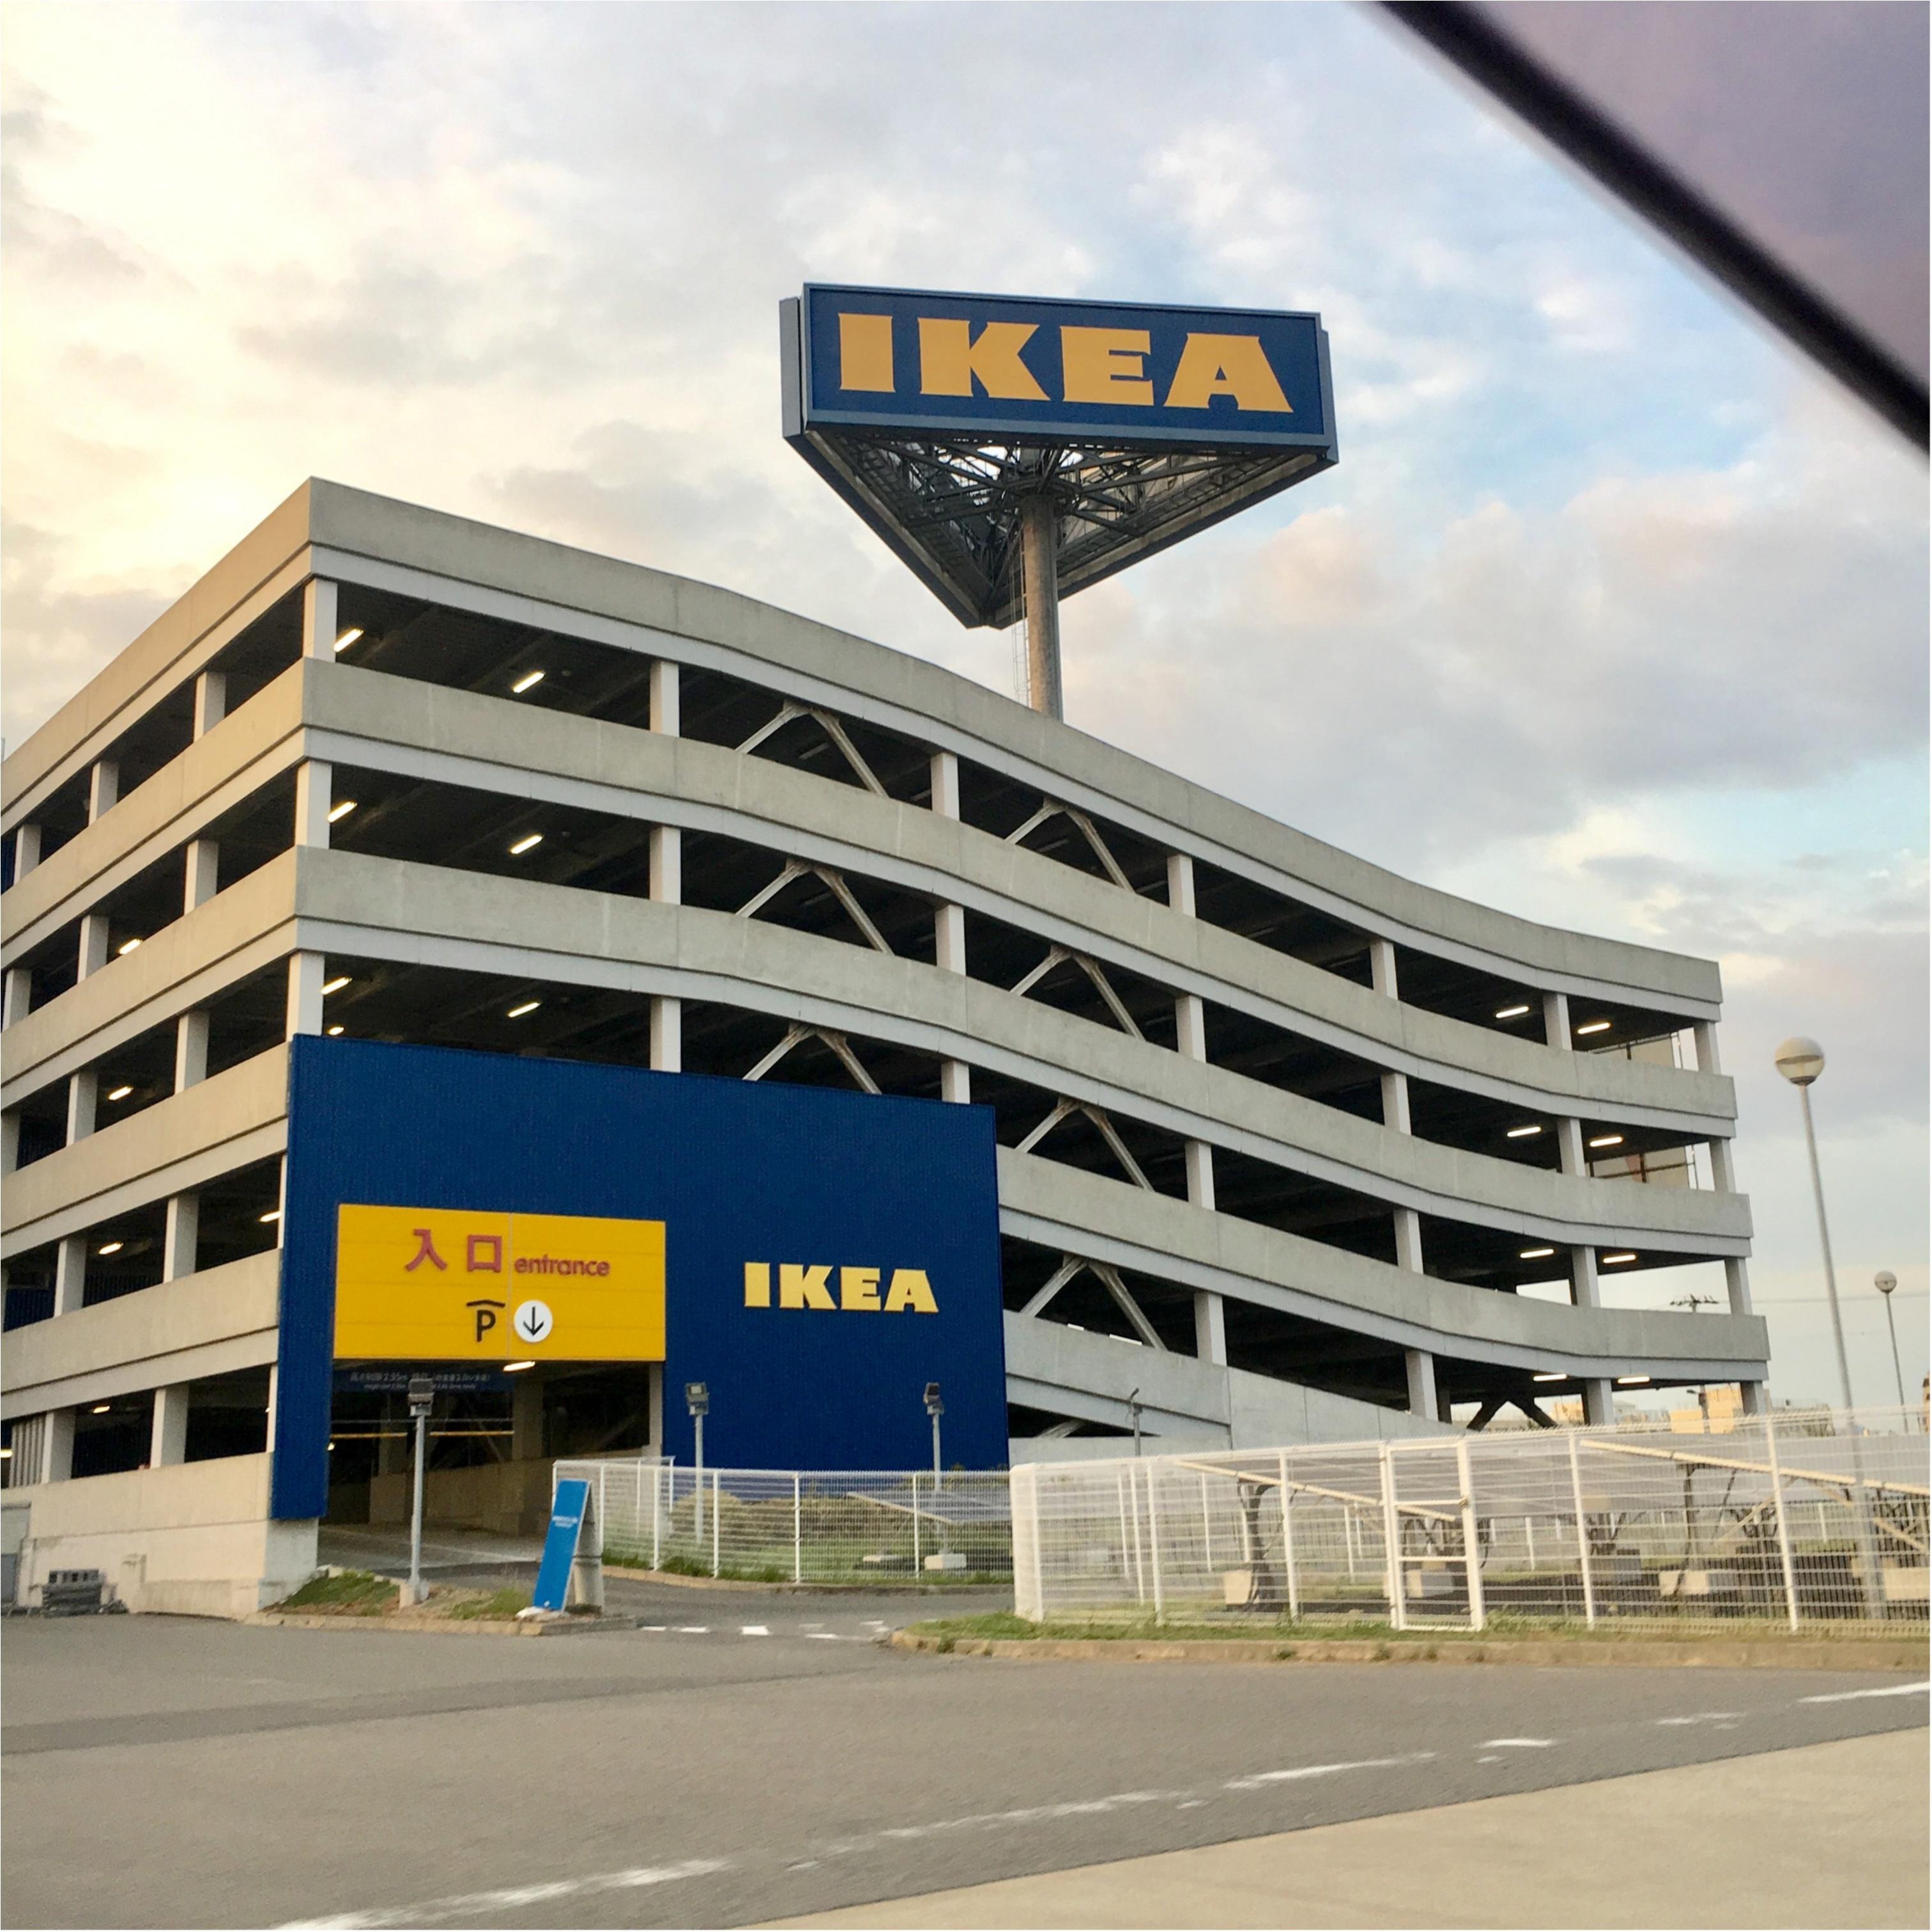 『GU』のパジャマにコンビニアイス、『IKEA』のフードなど気になる情報てんこもり! 今週のモアハピ部人気ランキングトップ5☆_1_3